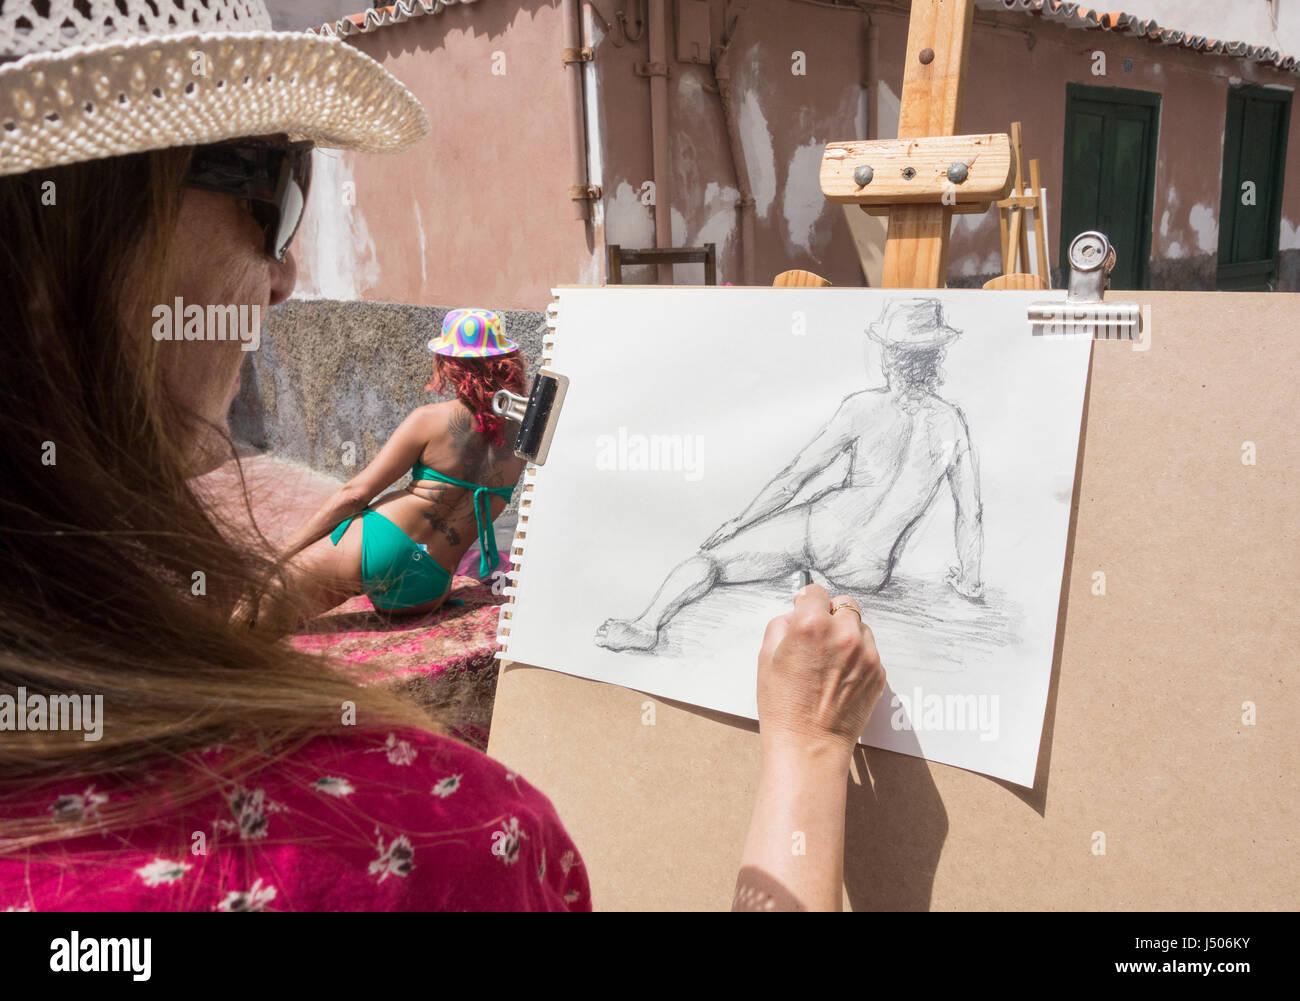 Ein Modell posiert für Künstler im internationalen Straßenkunstfestivals in Spanien Stockbild